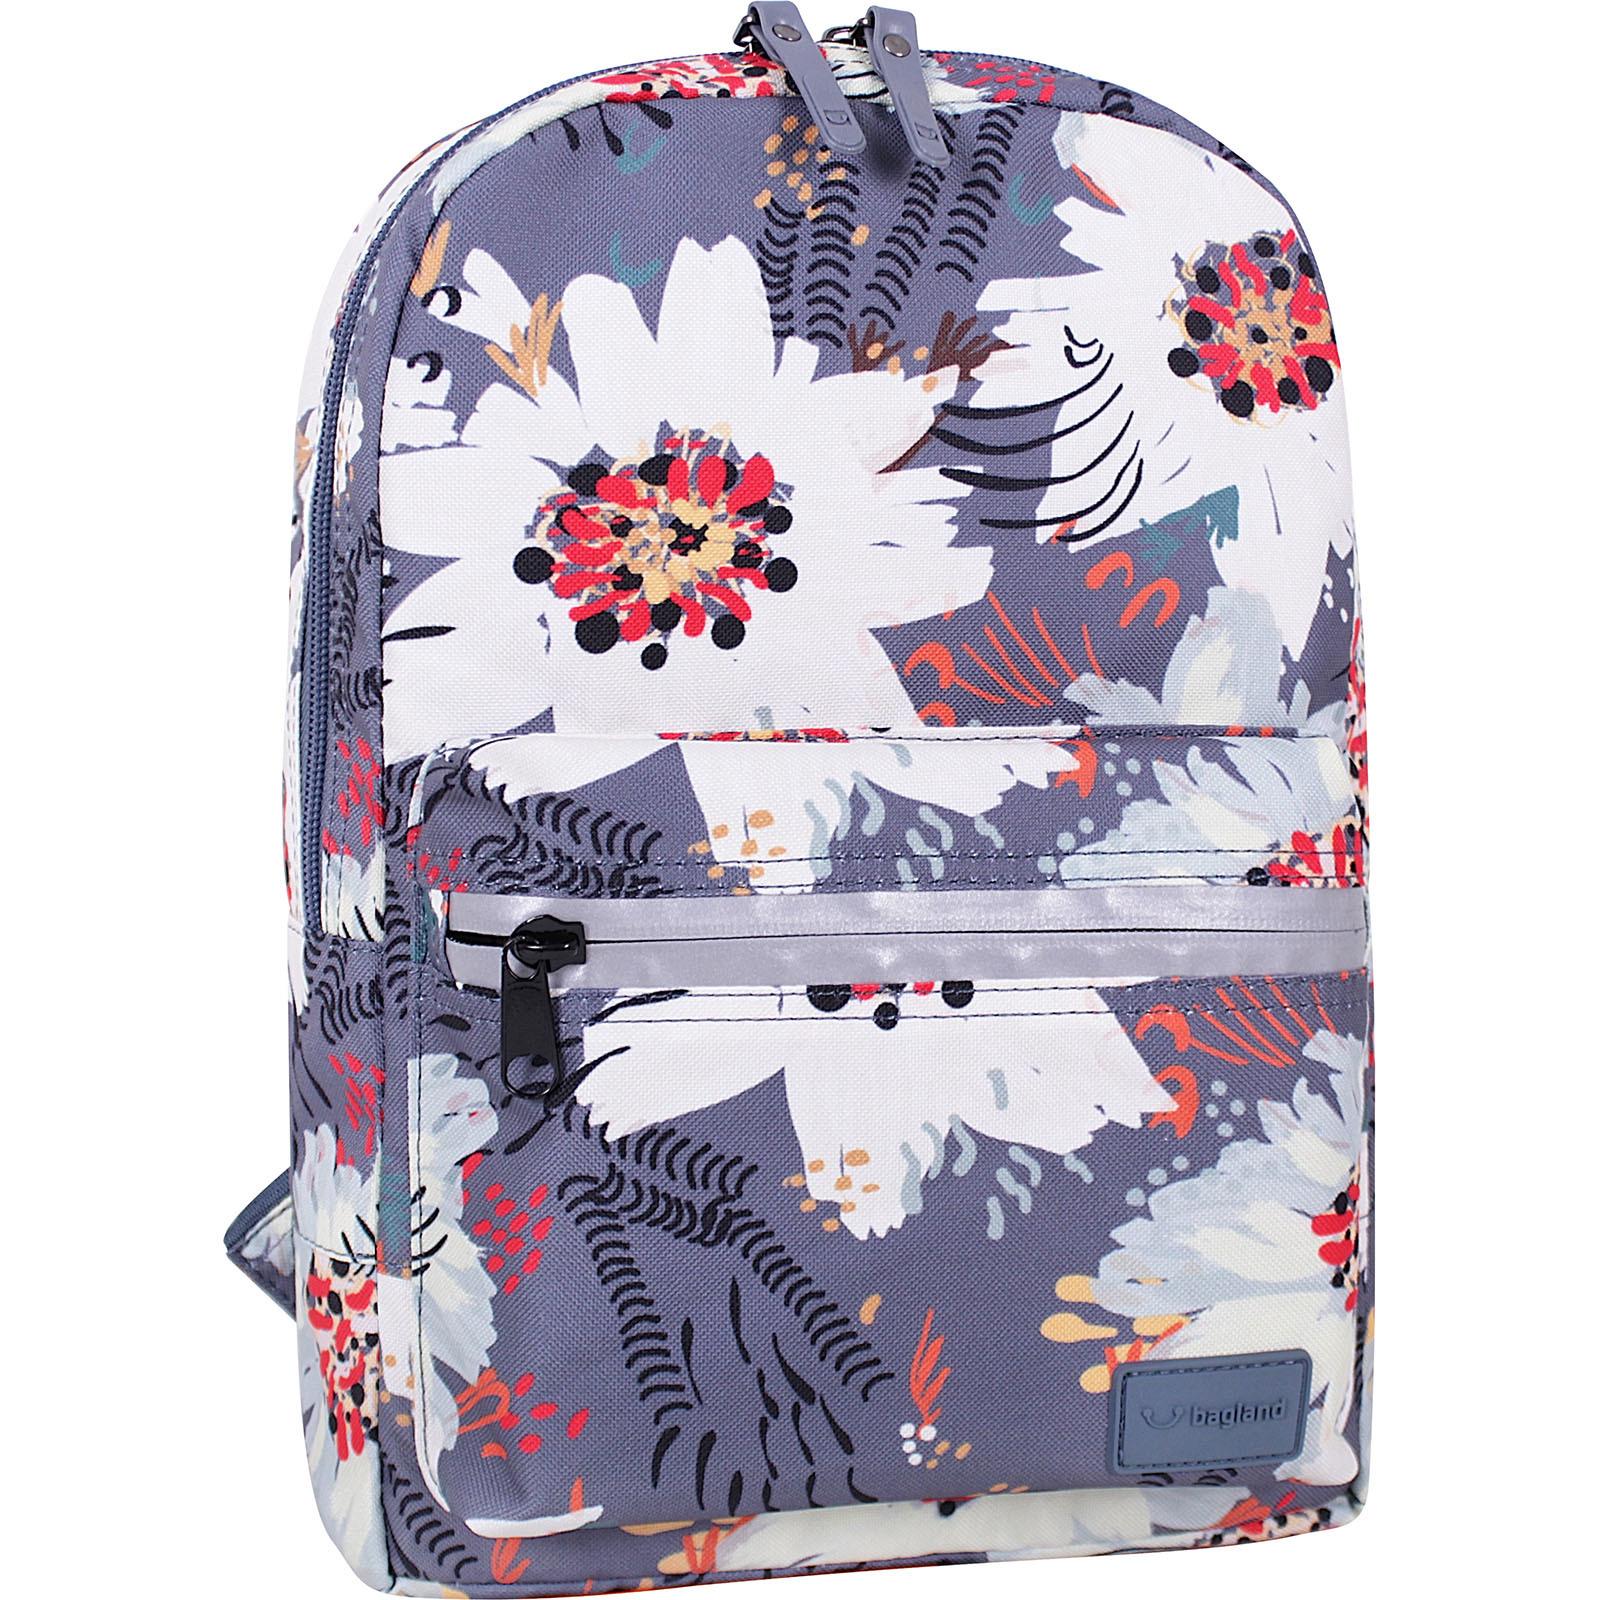 Детские рюкзаки Рюкзак Bagland Молодежный mini 8 л. сублимация 748 (00508664) IMG_1870суб.748.JPG